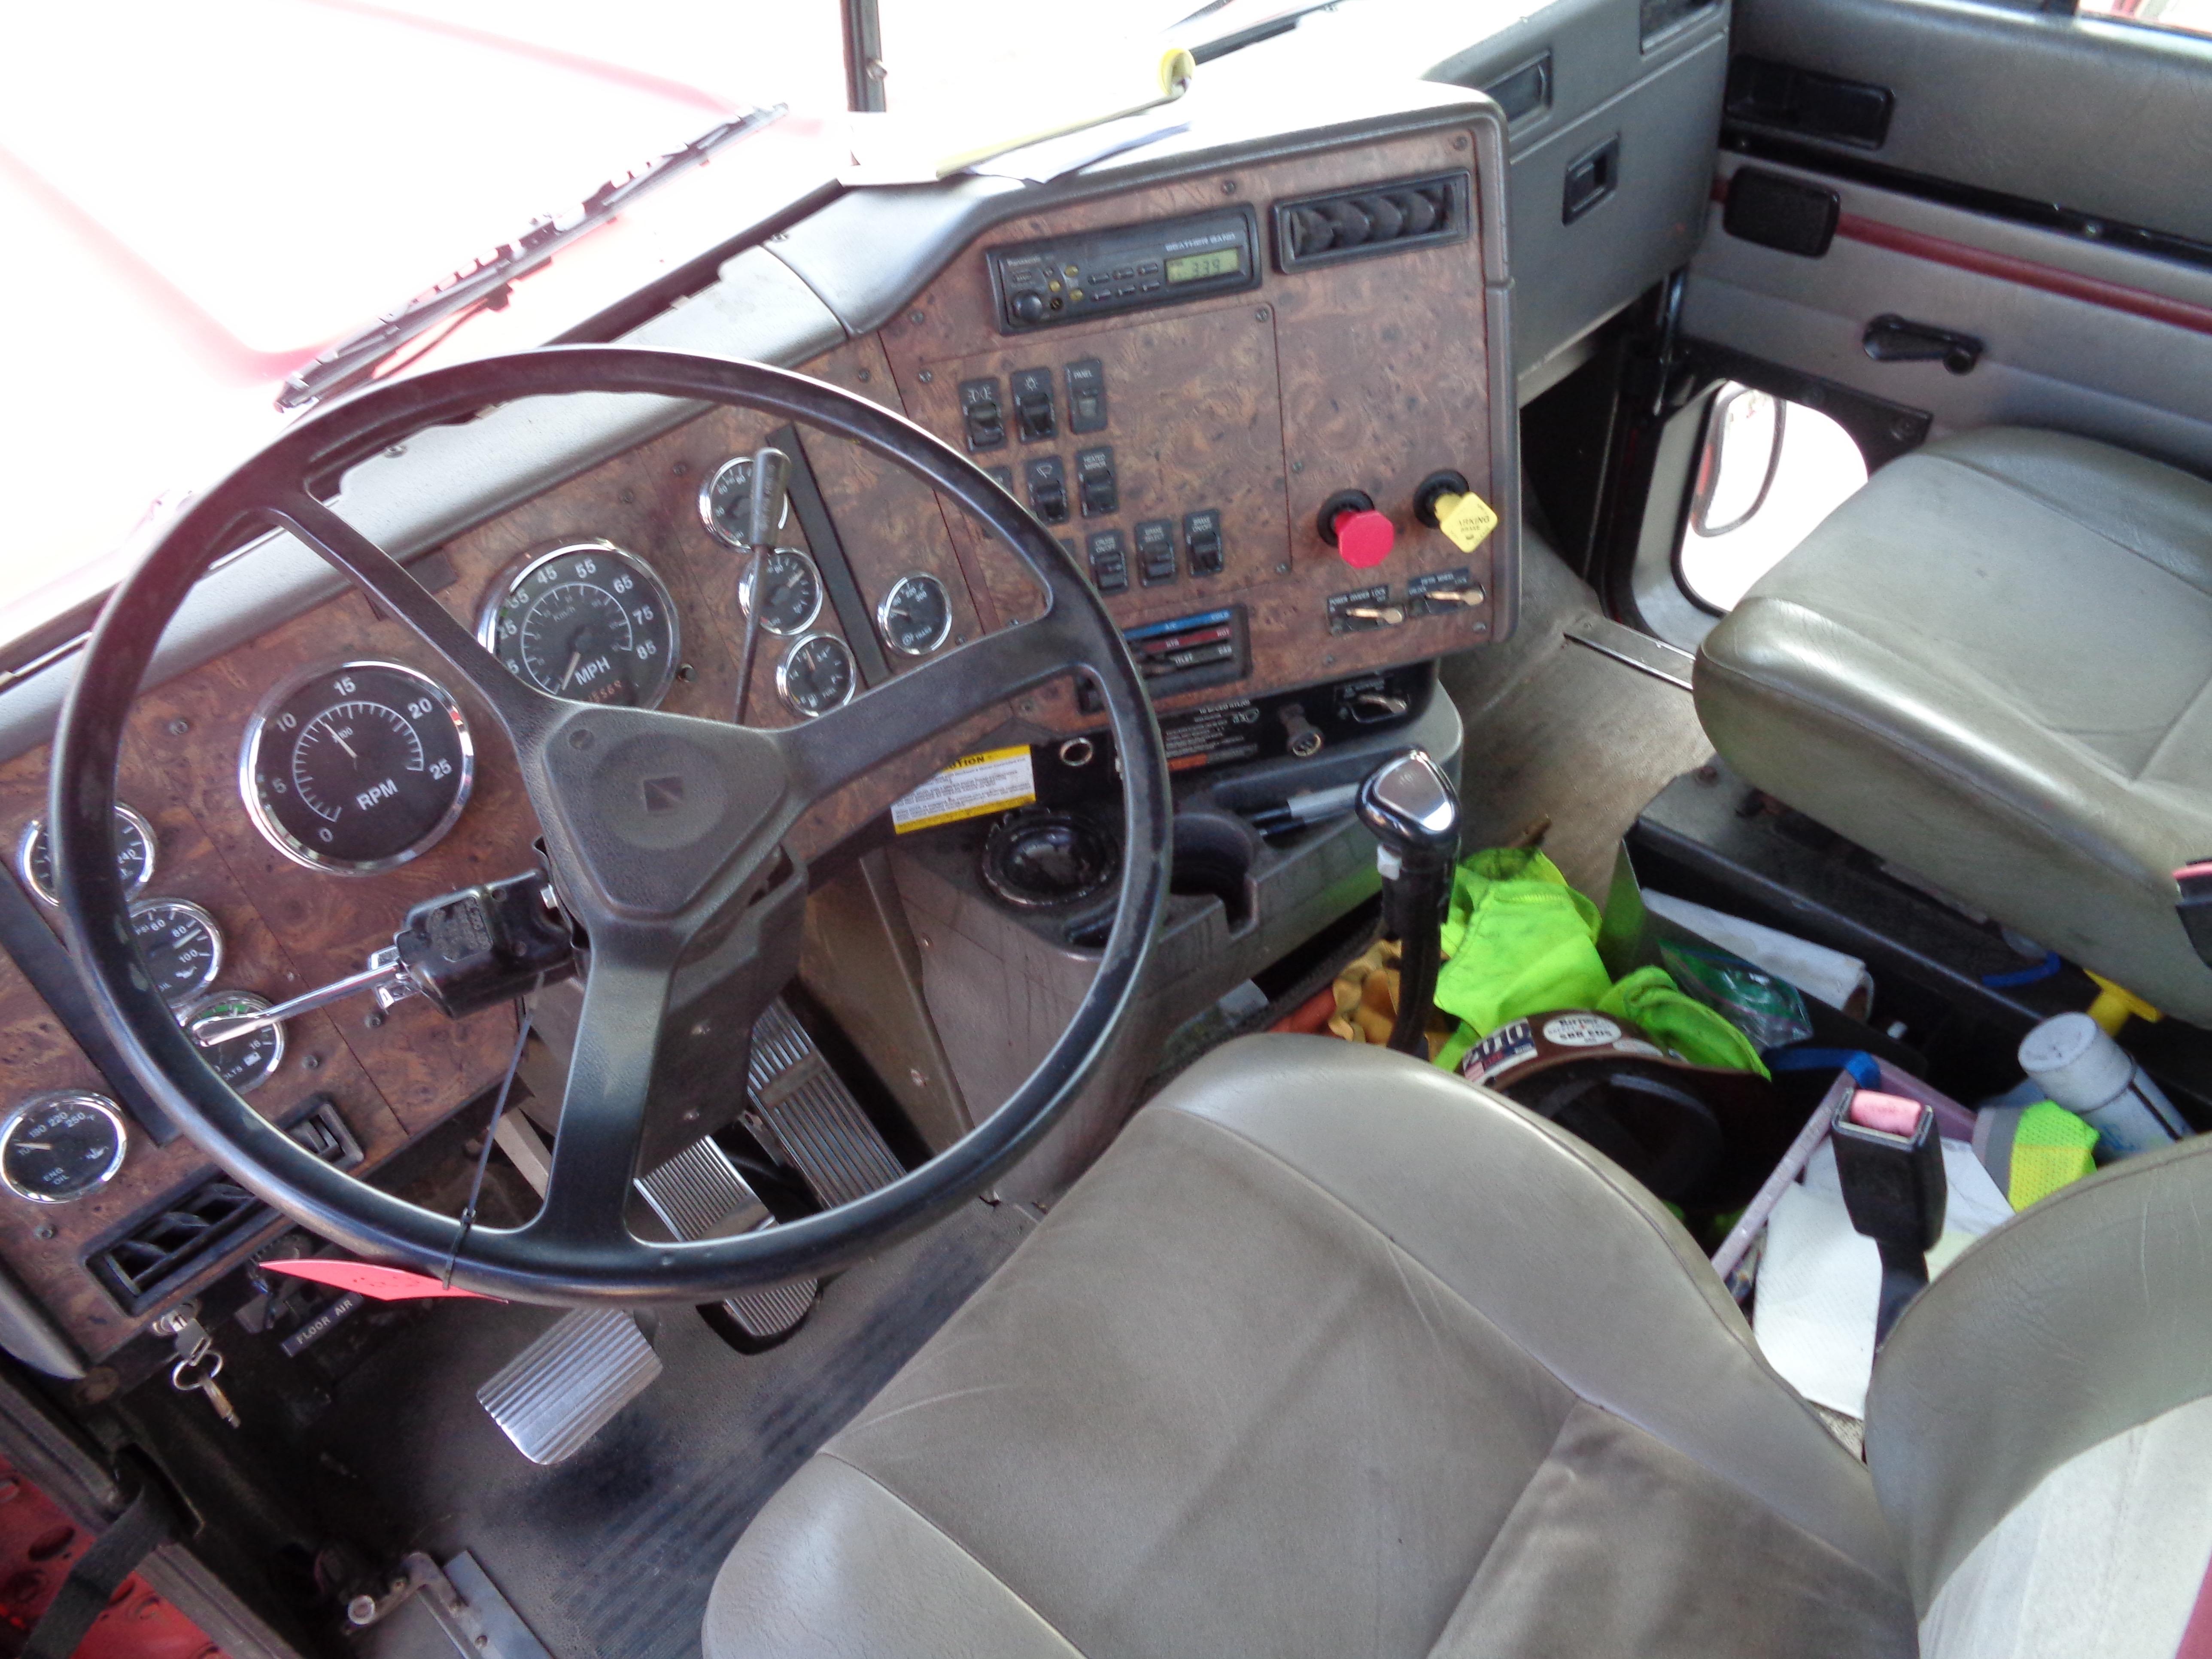 1999 International 9300 Diesel Tandem - Image 7 of 7